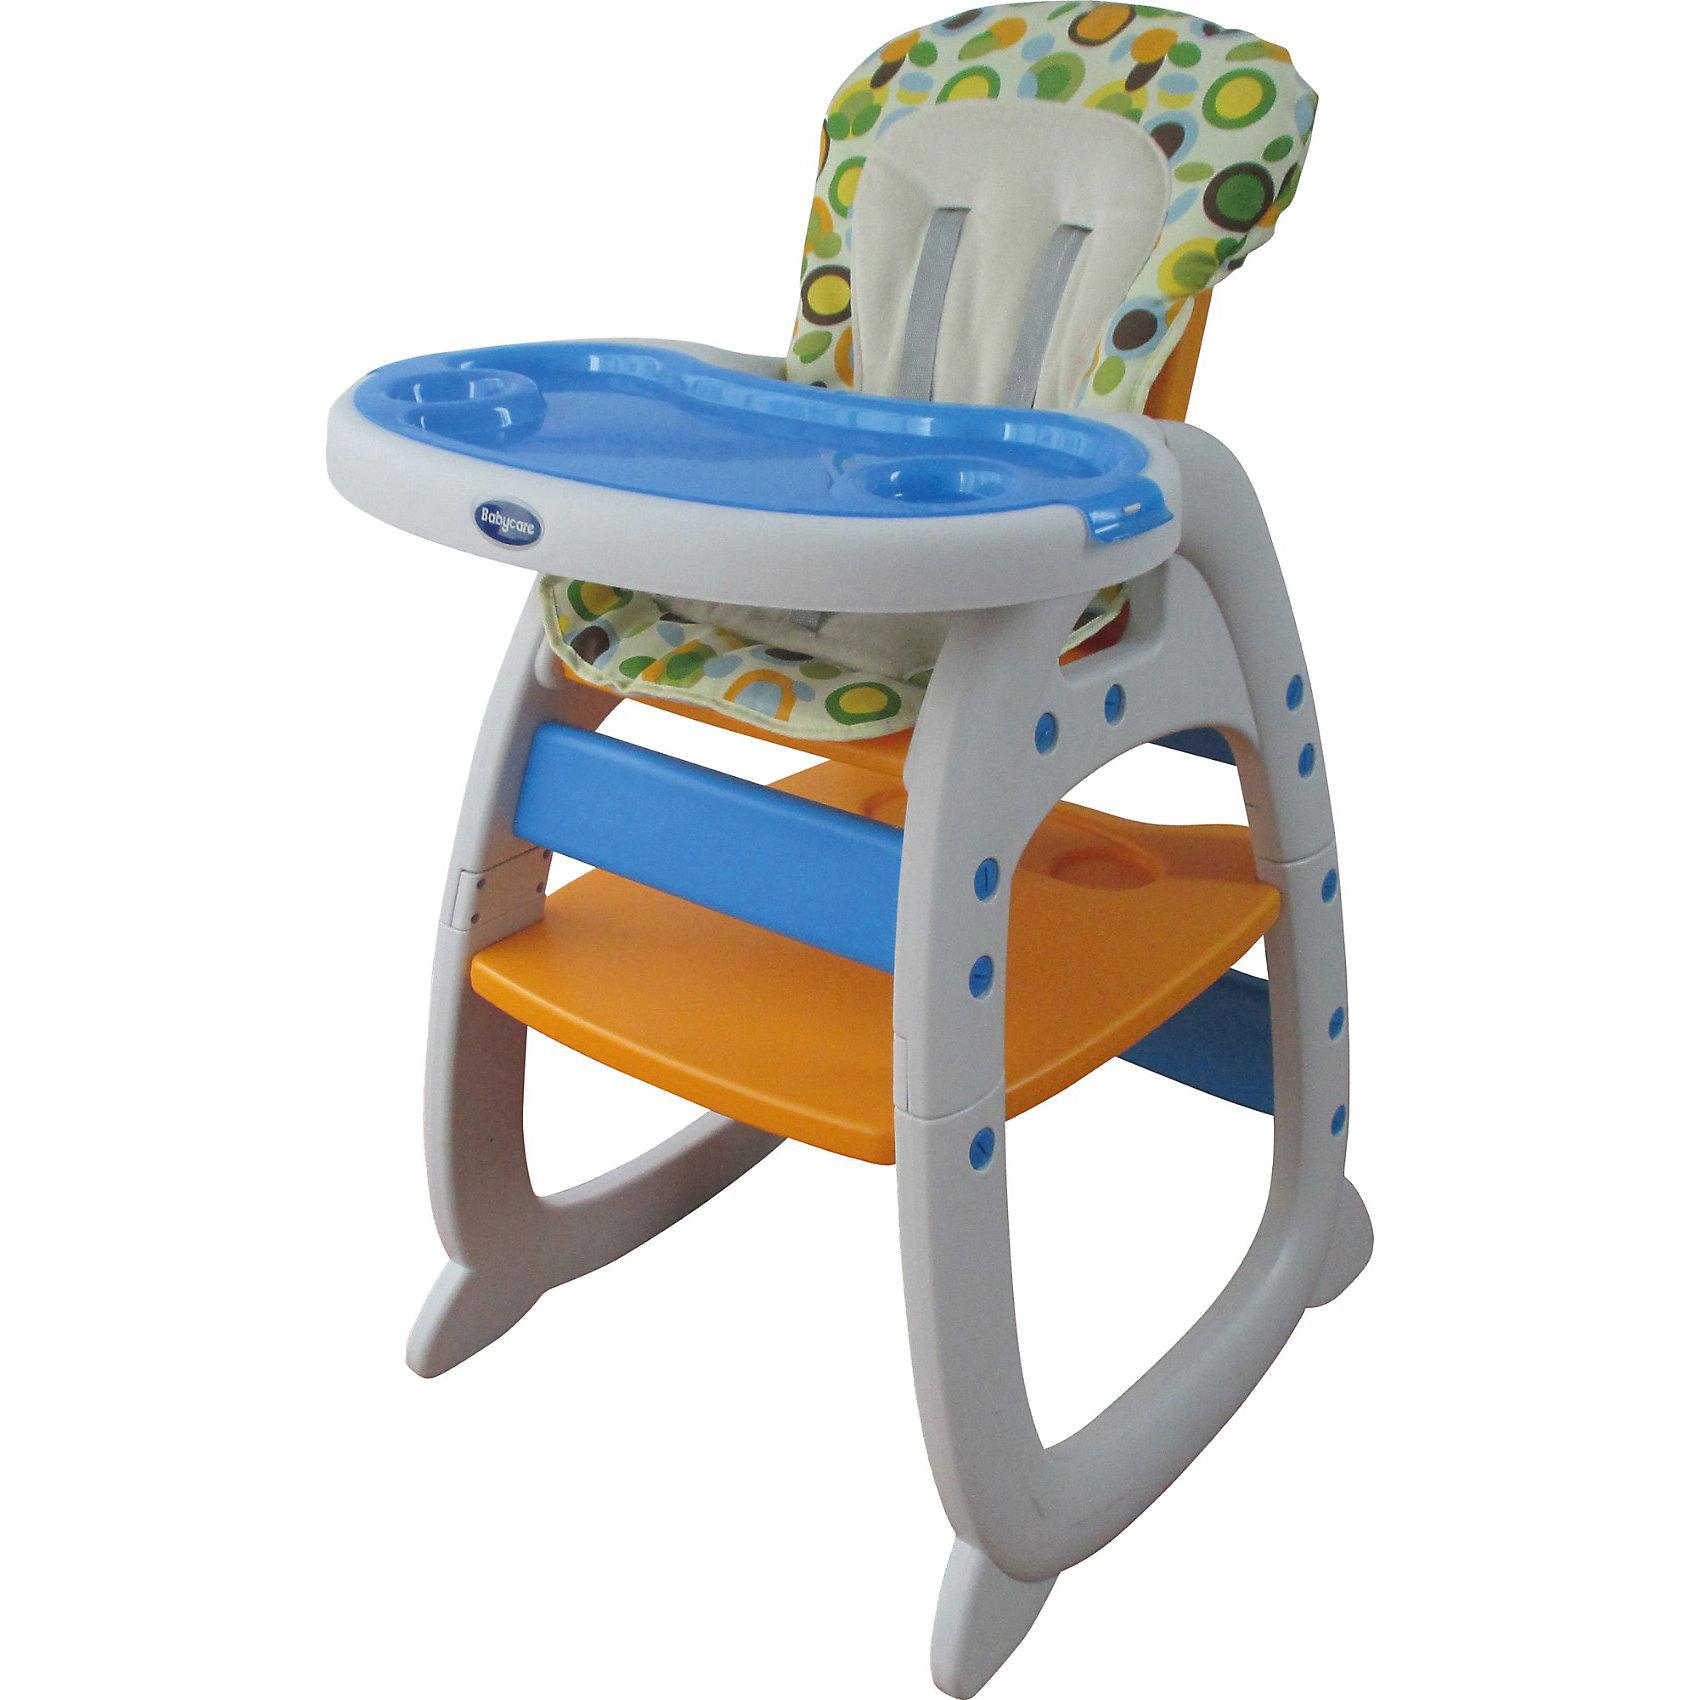 Стульчик-трансформер O-ZONE, Baby Care, оранжевыйСтульчики для кормления<br>Характеристики:<br><br>• комплект O-ZONE используется как стульчик для кормления и как столик со стульчиком;<br>• конструкция: трансформер;<br>• регулируется спинка: 3 положения;<br>• регулируется глубина столешницы: 3 положения;<br>• имеются 5-ти точечные ремни безопасности;<br>• съемный поднос с углублениями для посуды;<br>• съемные чехлы: стираются при температуре 30 градусов;<br>• материал: пластик, полиэстер (моющееся покрытие);<br>• размер стульчика: 65,5х72х106 см;<br>• вес: 7,6 кг.<br><br>Стульчик-трансформер для кормления малыша и использования как парты со стульчиком – комплект 2в1 для детей в возрасте от 6 месяцев до 3-х лет. Стульчик оснащен ремнями безопасности, имеет регулируемые угол наклона спинки и глубины столешницы. Компактно складывается для хранения и транспортировки. <br><br>Стульчик-трансформер O-ZONE, Baby Care, оранжевый можно купить в нашем интернет-магазине.<br><br>Ширина мм: 660<br>Глубина мм: 270<br>Высота мм: 550<br>Вес г: 8700<br>Цвет: оранжевый<br>Возраст от месяцев: 6<br>Возраст до месяцев: 36<br>Пол: Унисекс<br>Возраст: Детский<br>SKU: 3872048